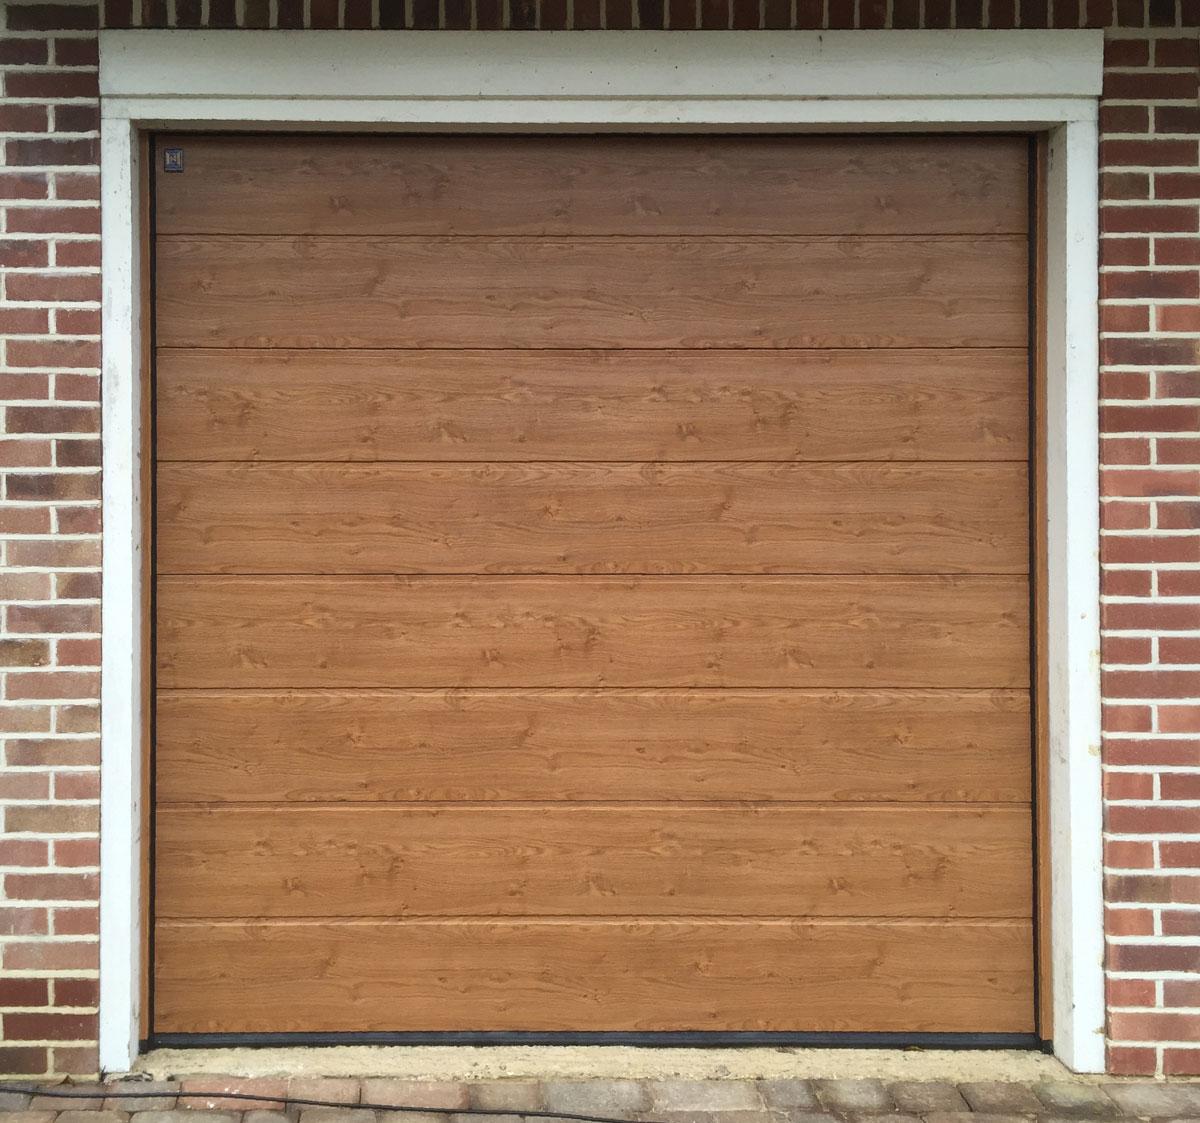 Hormann LPU42, M-Ribbed, Sectional Garage Door in Golden Oak Decograin